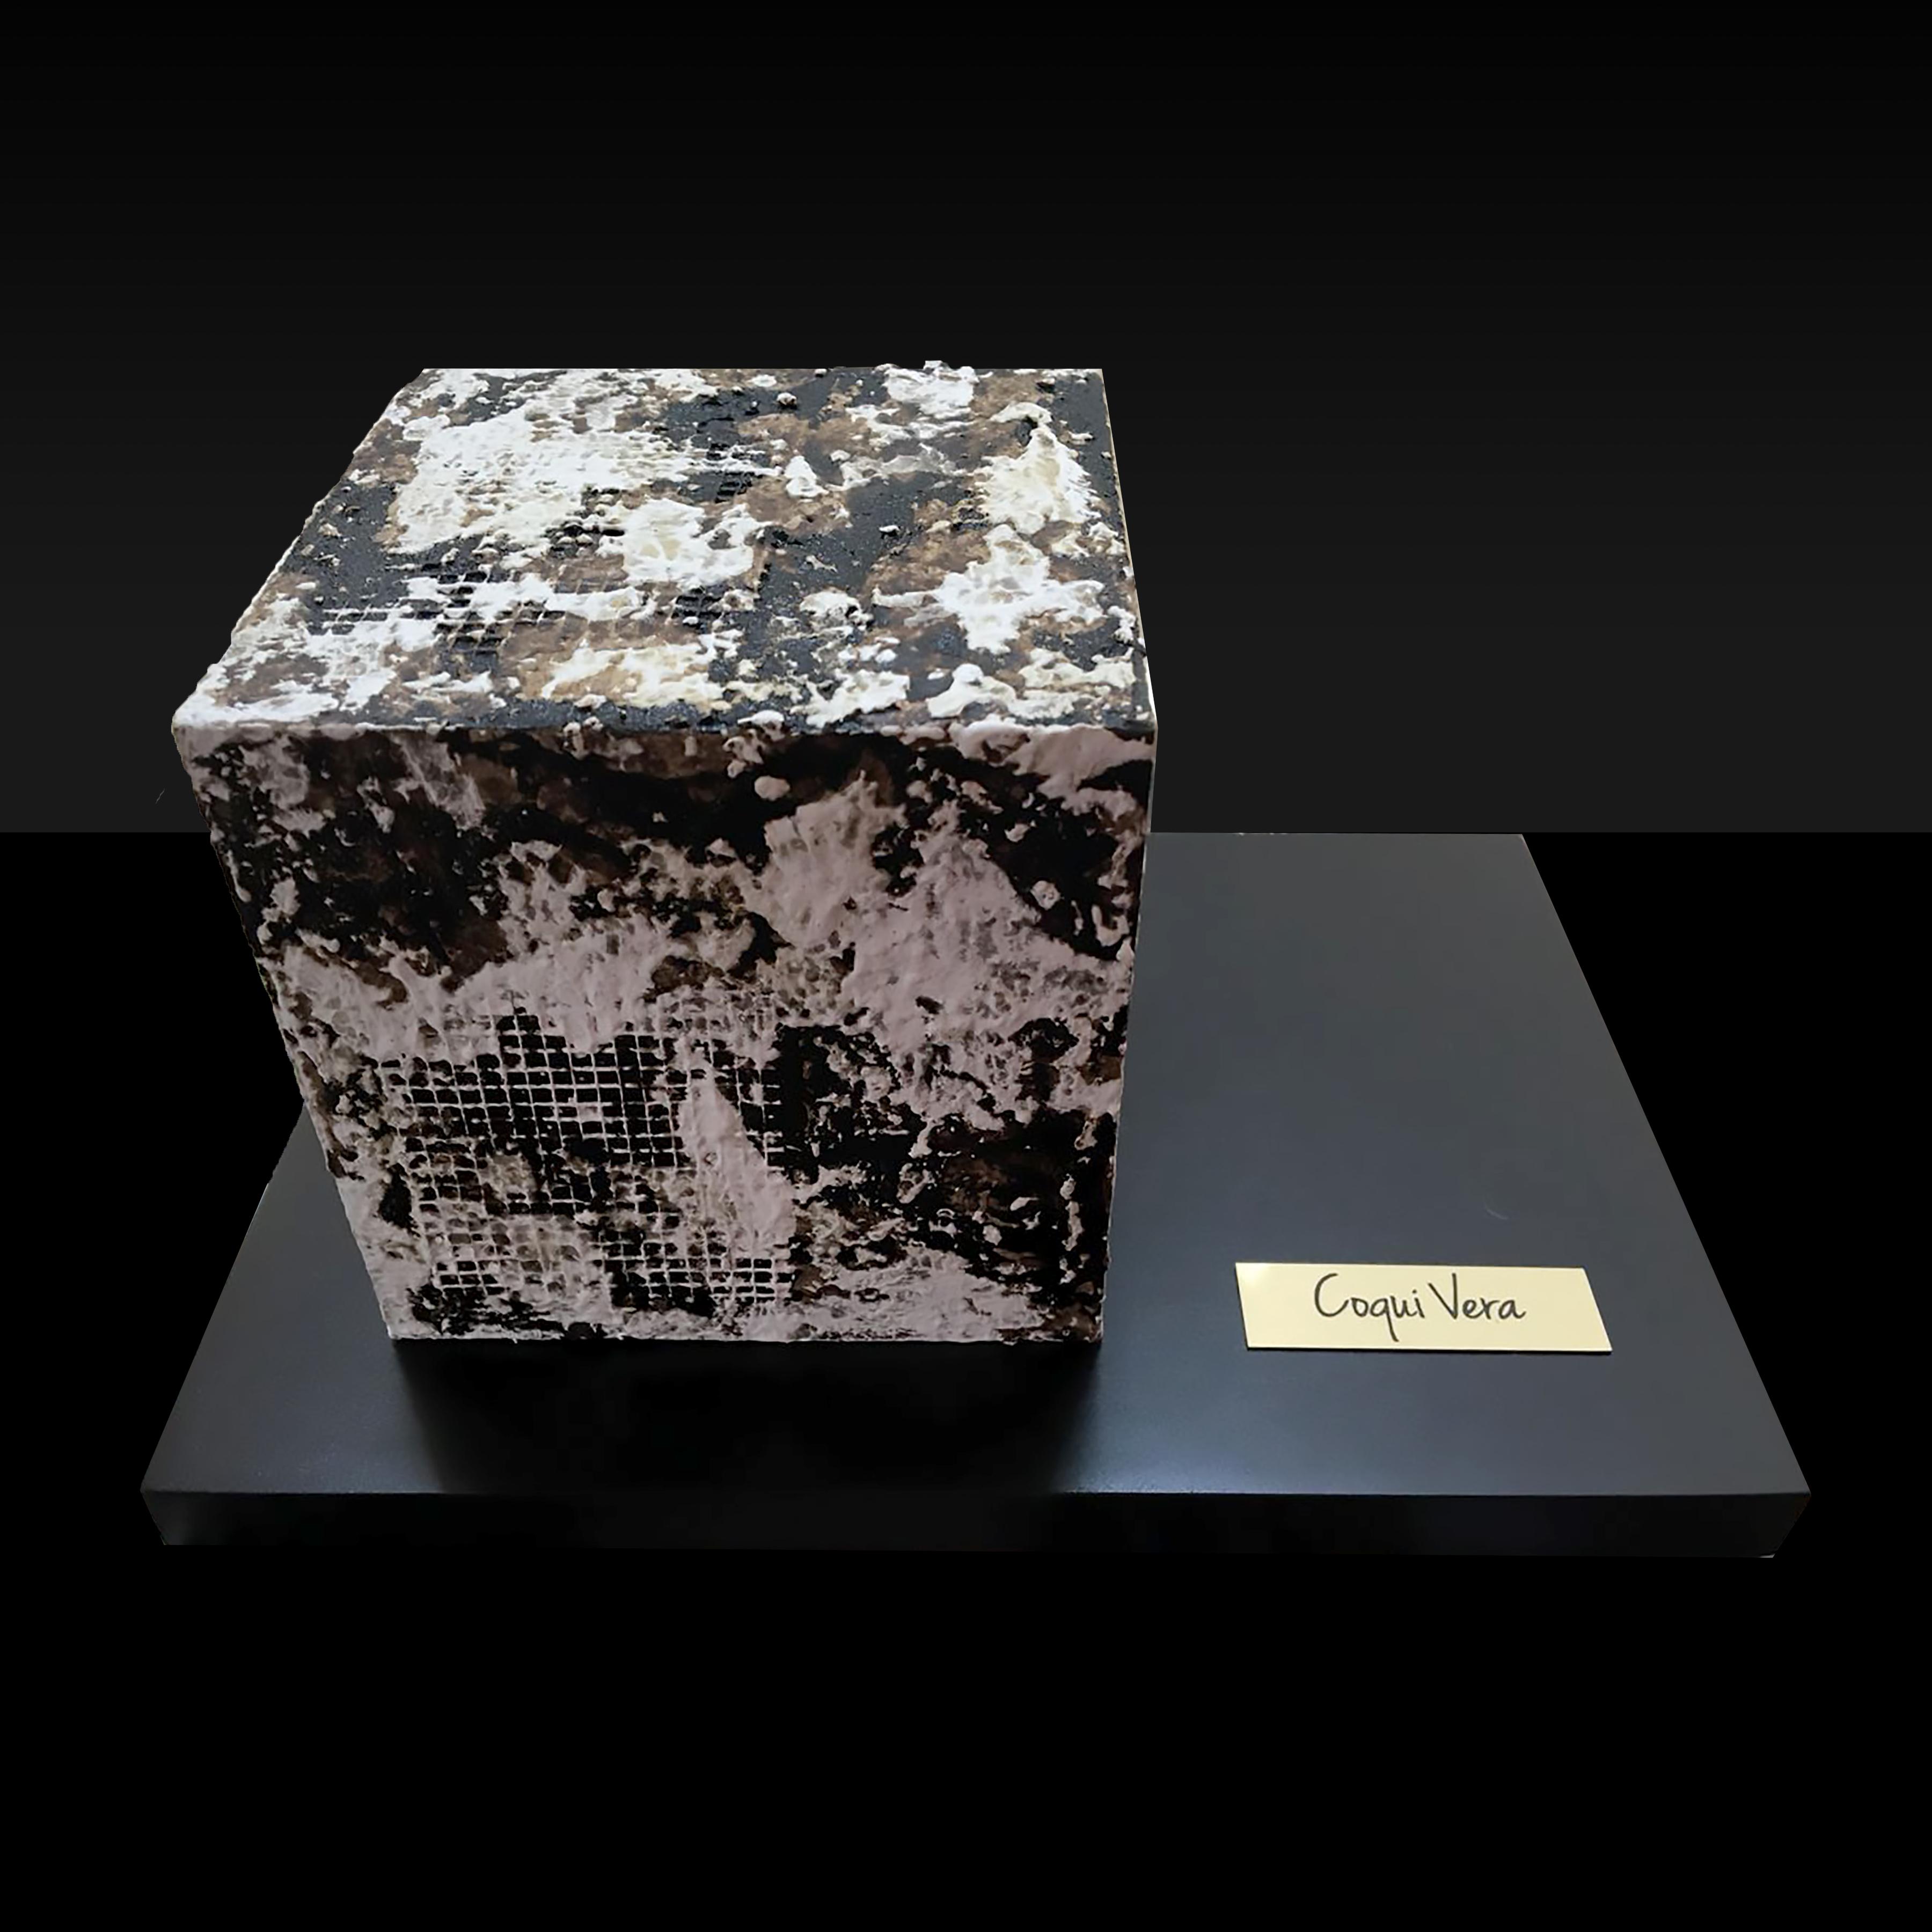 Coqui-Vera-arte-objeto-abstracto-2